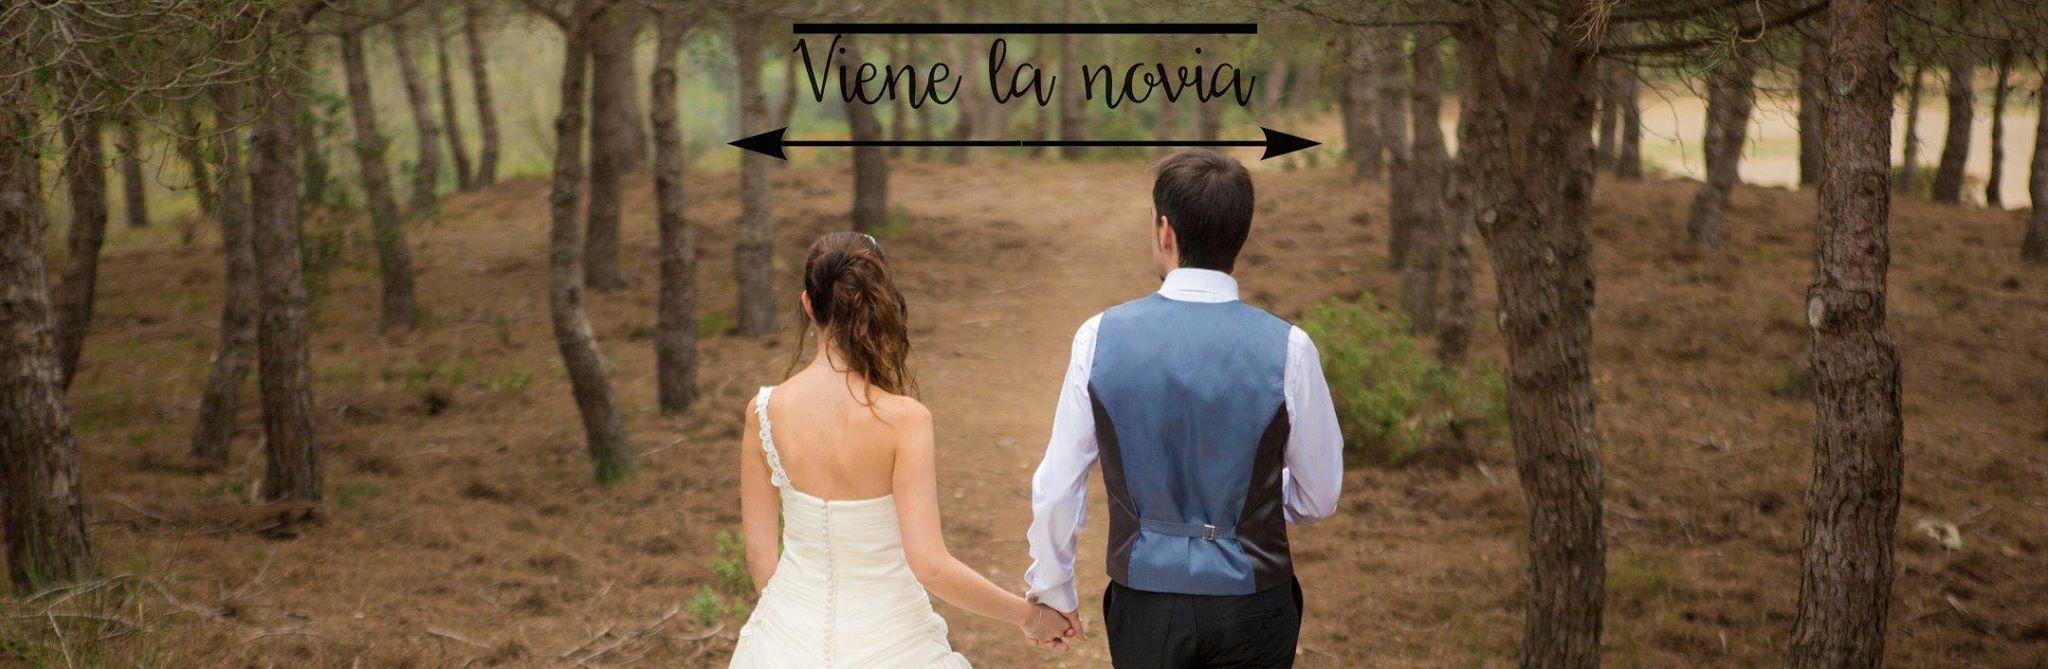 El bosque encantado. www.vienelanovia.com